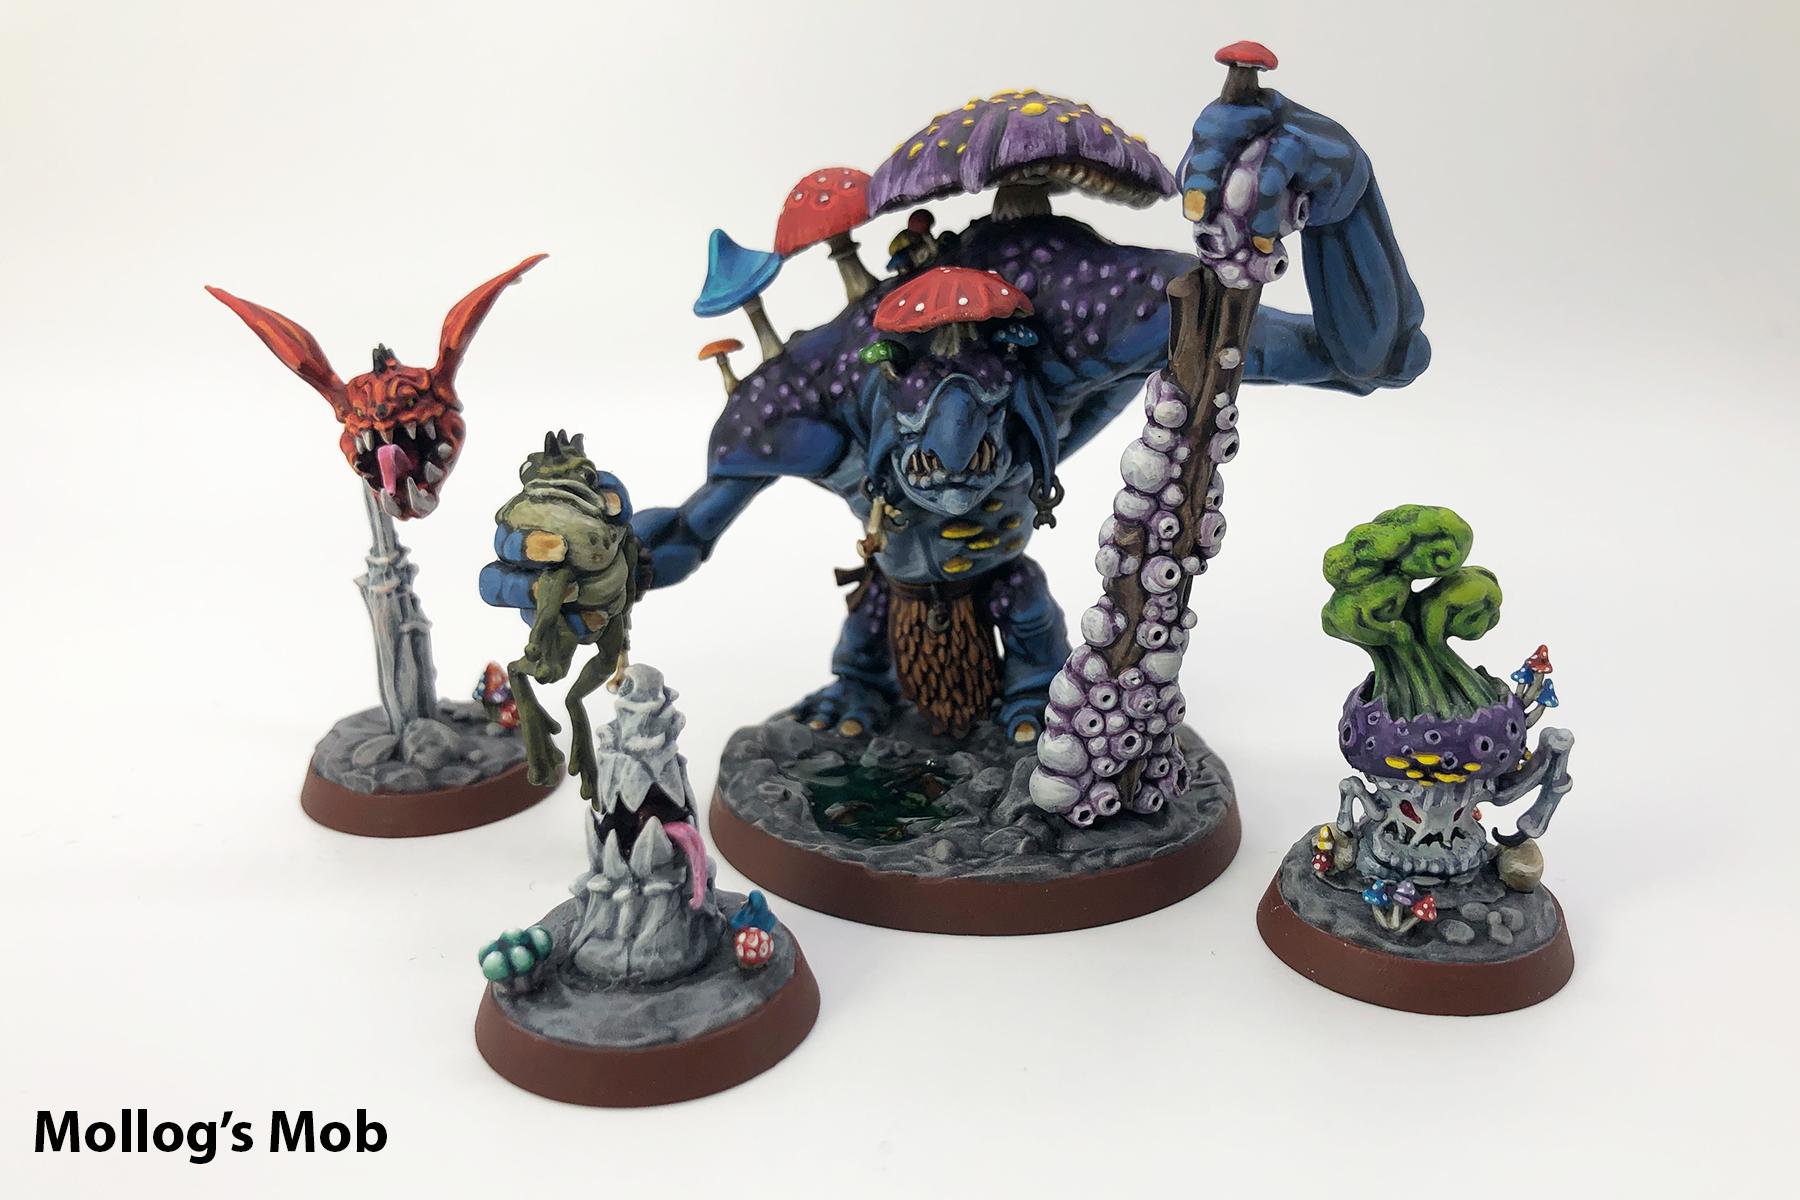 Mollogs Mob, Nightvault, Warhammer Underworlds